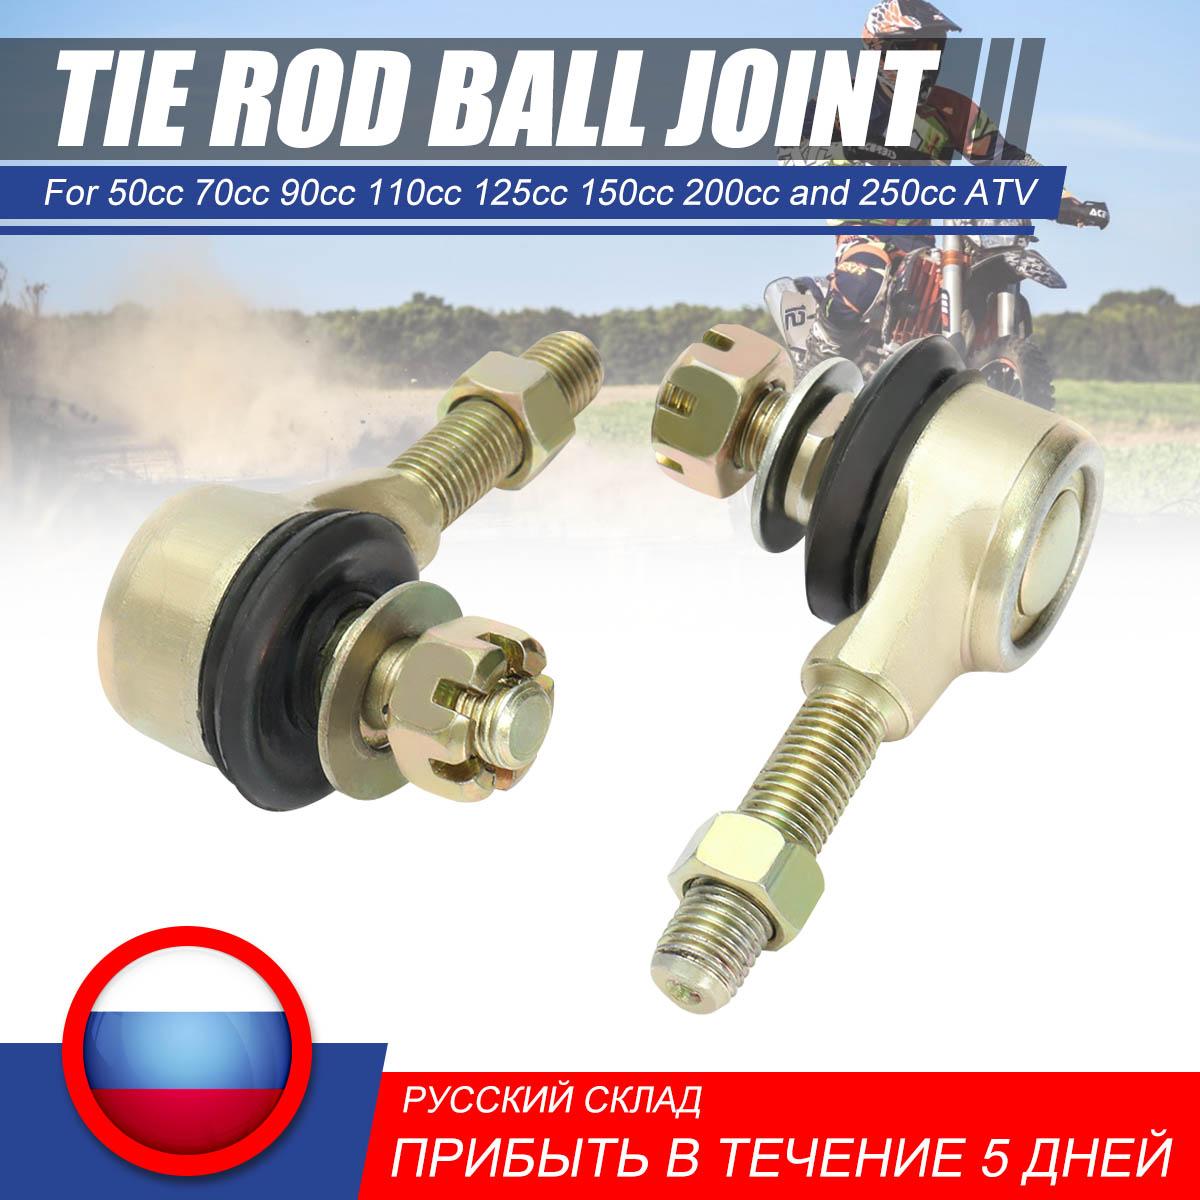 1 par 10mm neumático de la motocicleta de la barra bola conjunta 70cc 90cc 110cc 125cc 150cc 200cc 250cc ATV Quad 4 -wheeler